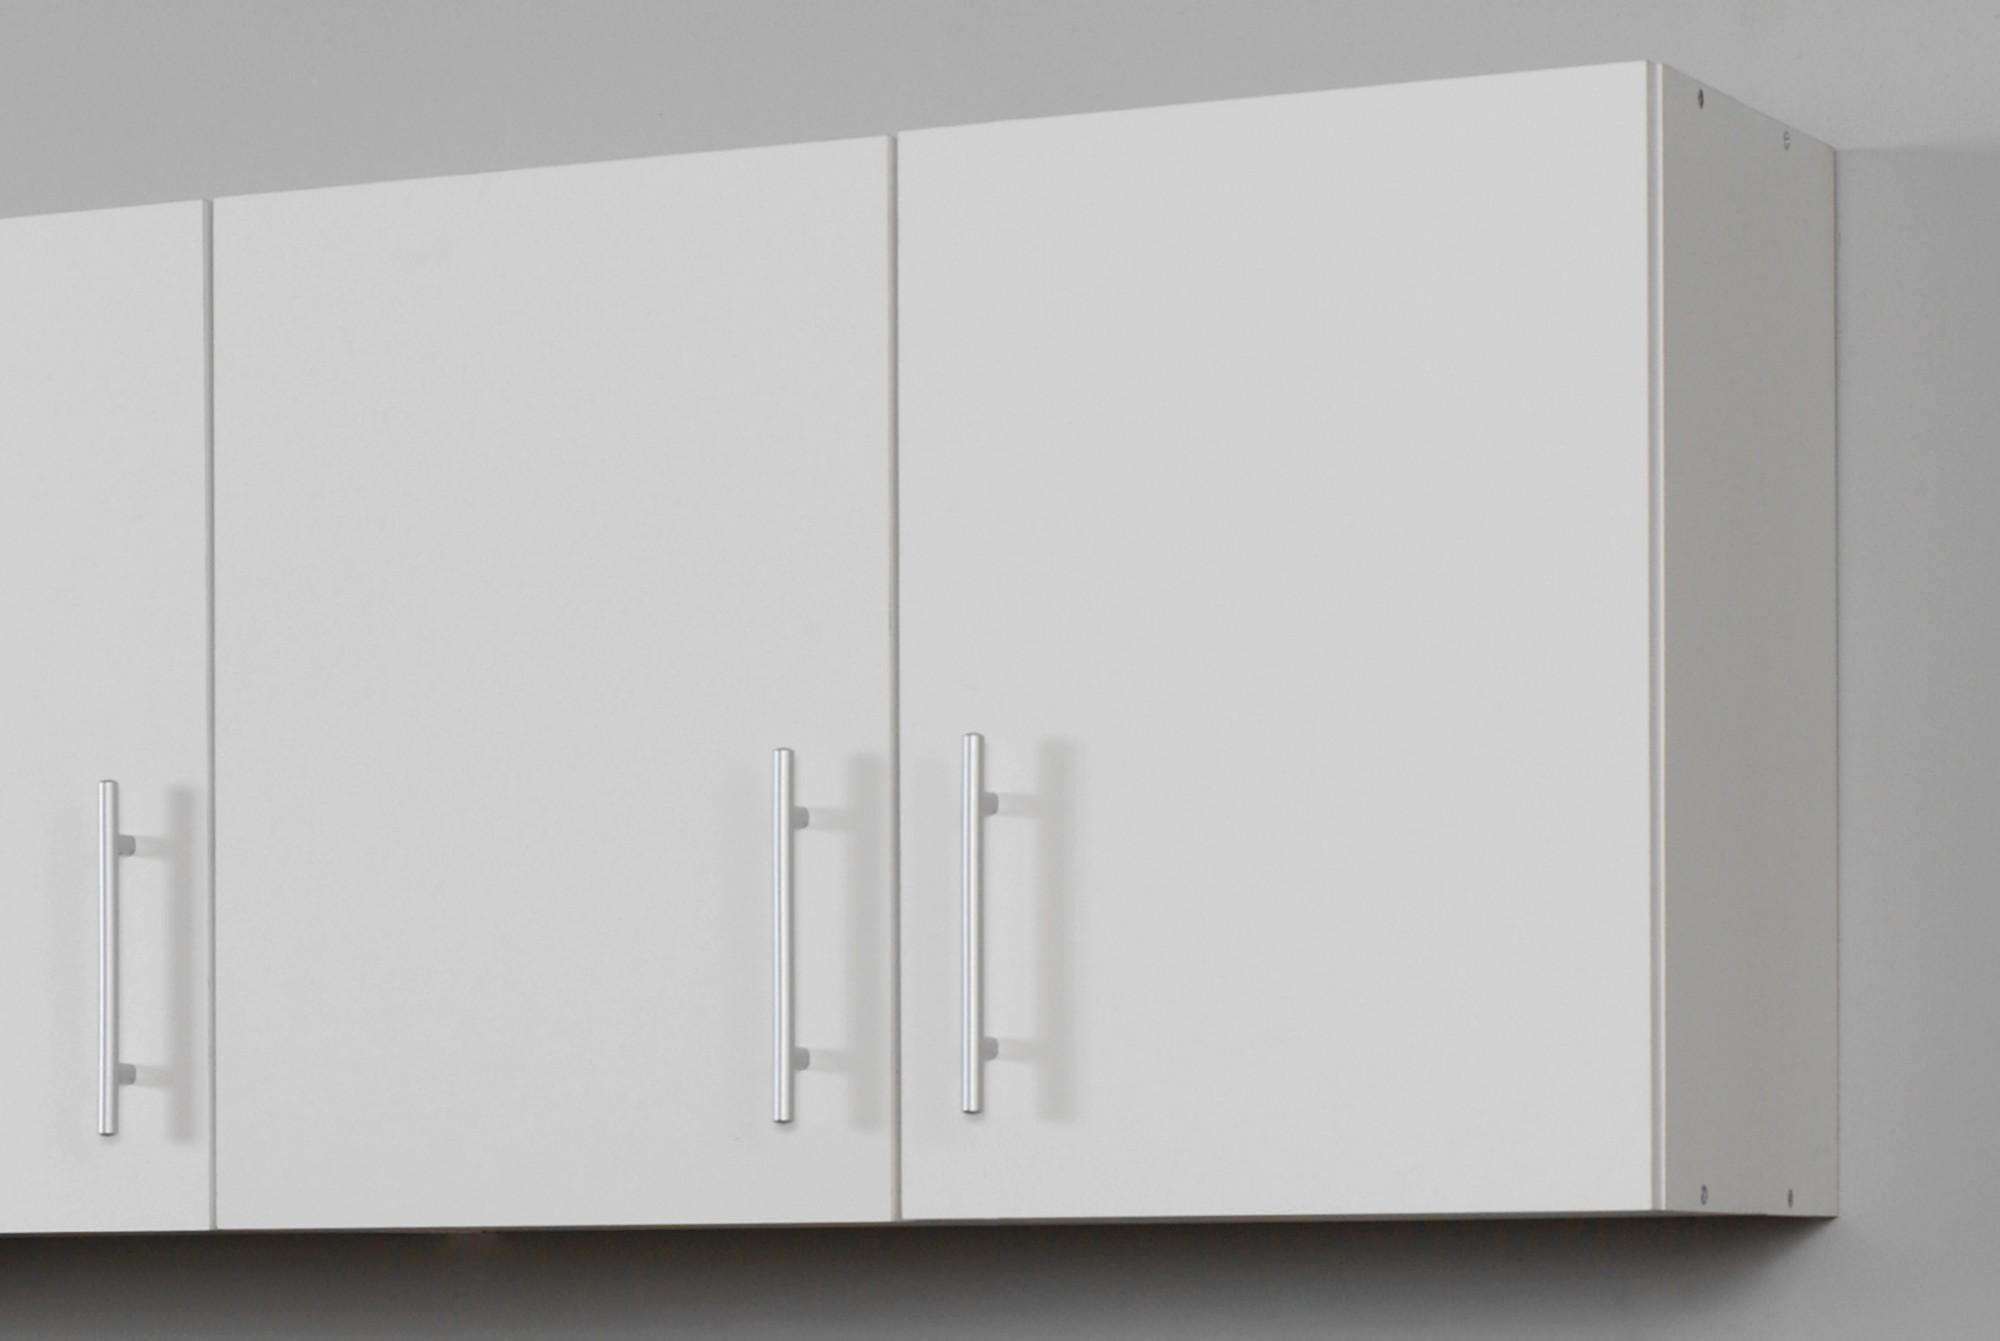 Kleiner Kühlschrank Weiß : Kühlschrank berlin kleiner kühlschrank von ok single fridge from